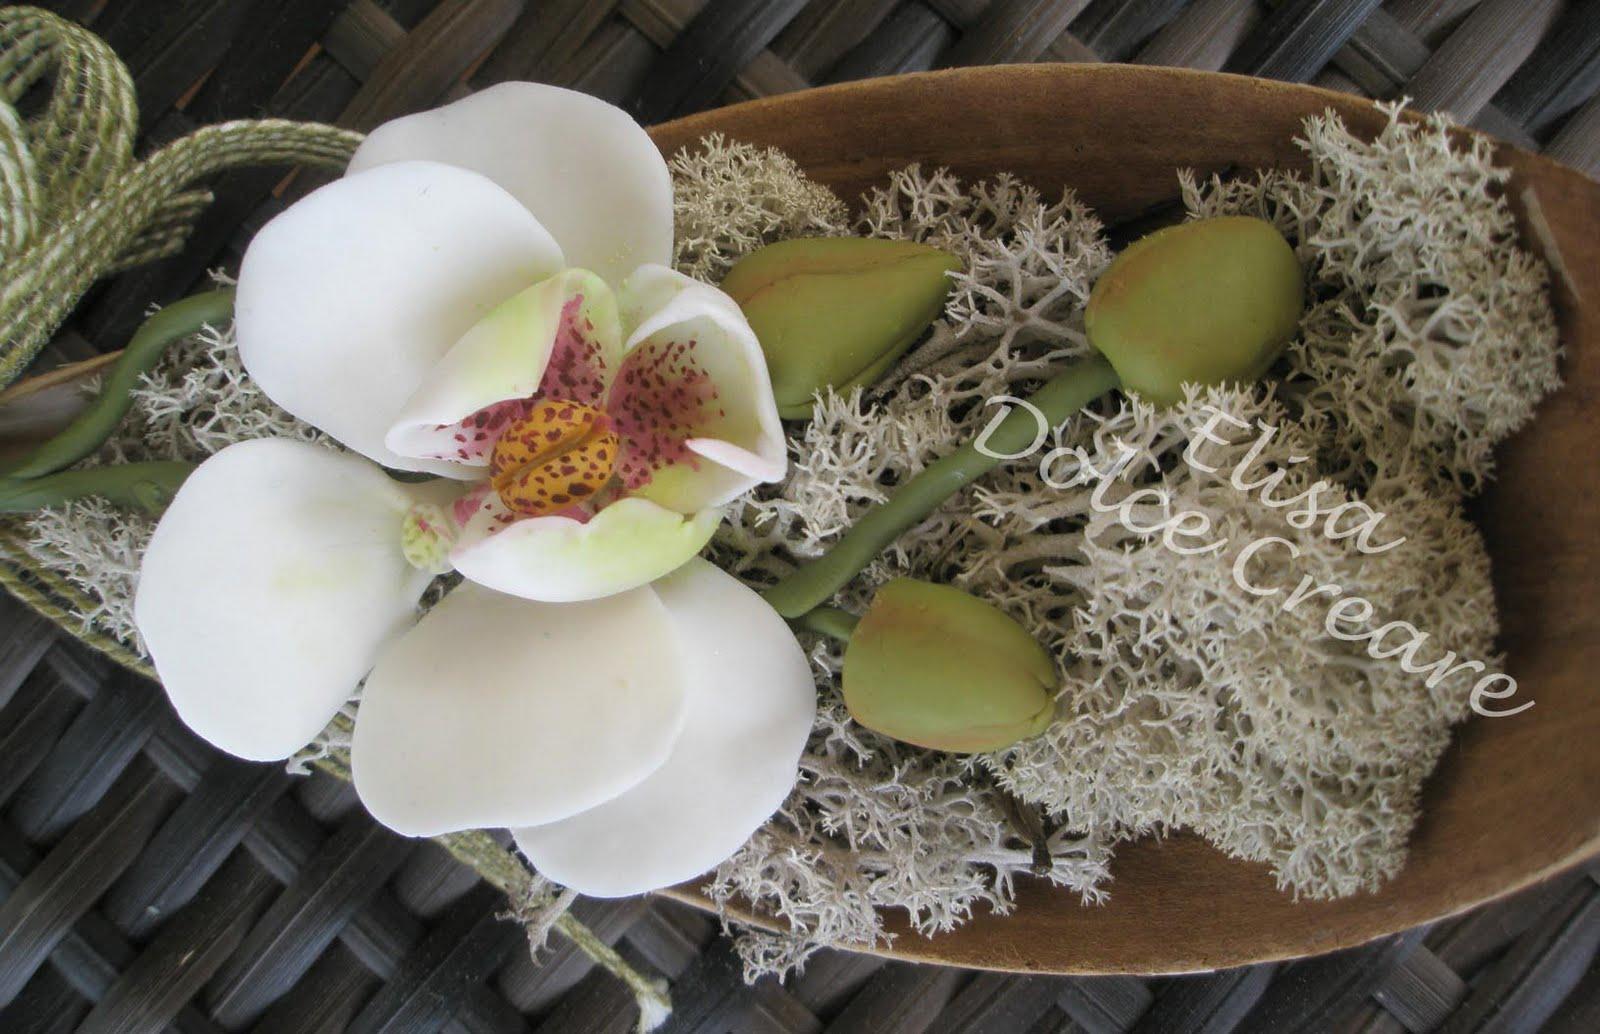 orchidee e muschio